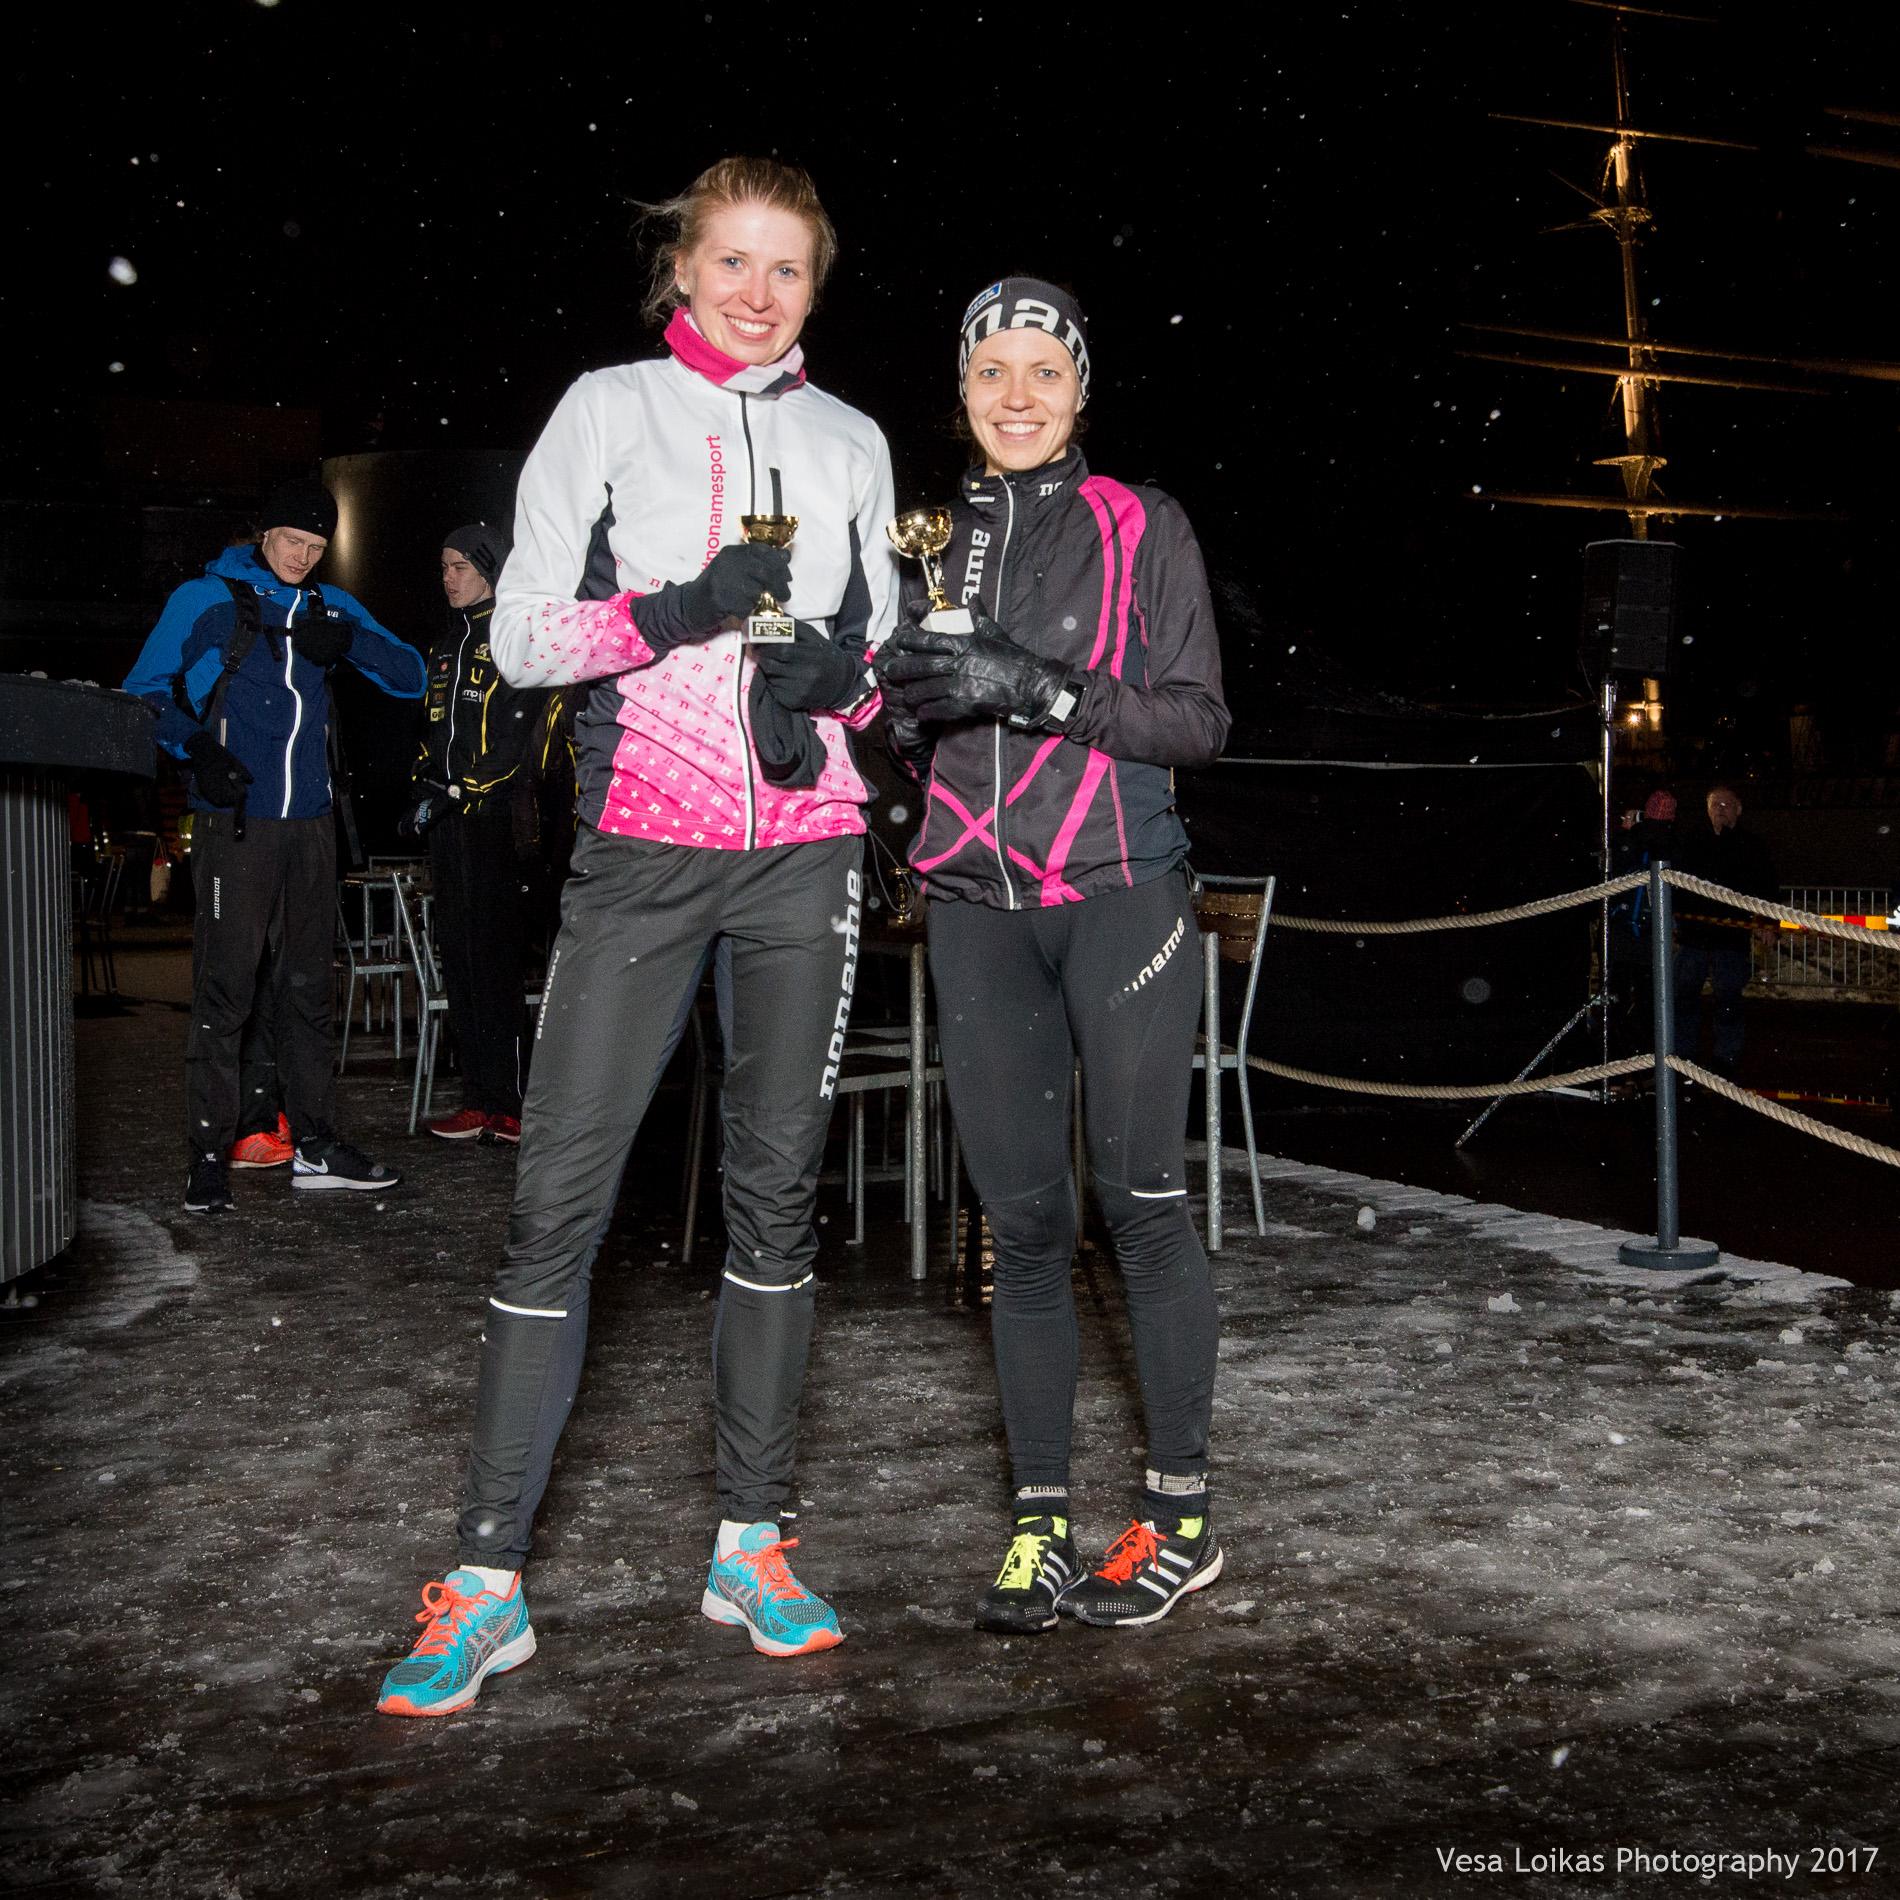 Naisten kaksi ensimmäistäJanica Mäkelä (1., oik.) ja Sara Kuivisto (2., vas.) | Top women runners 10k Sara Kuivisto (2nd, left)& Janica Mäkelä (1st, right)